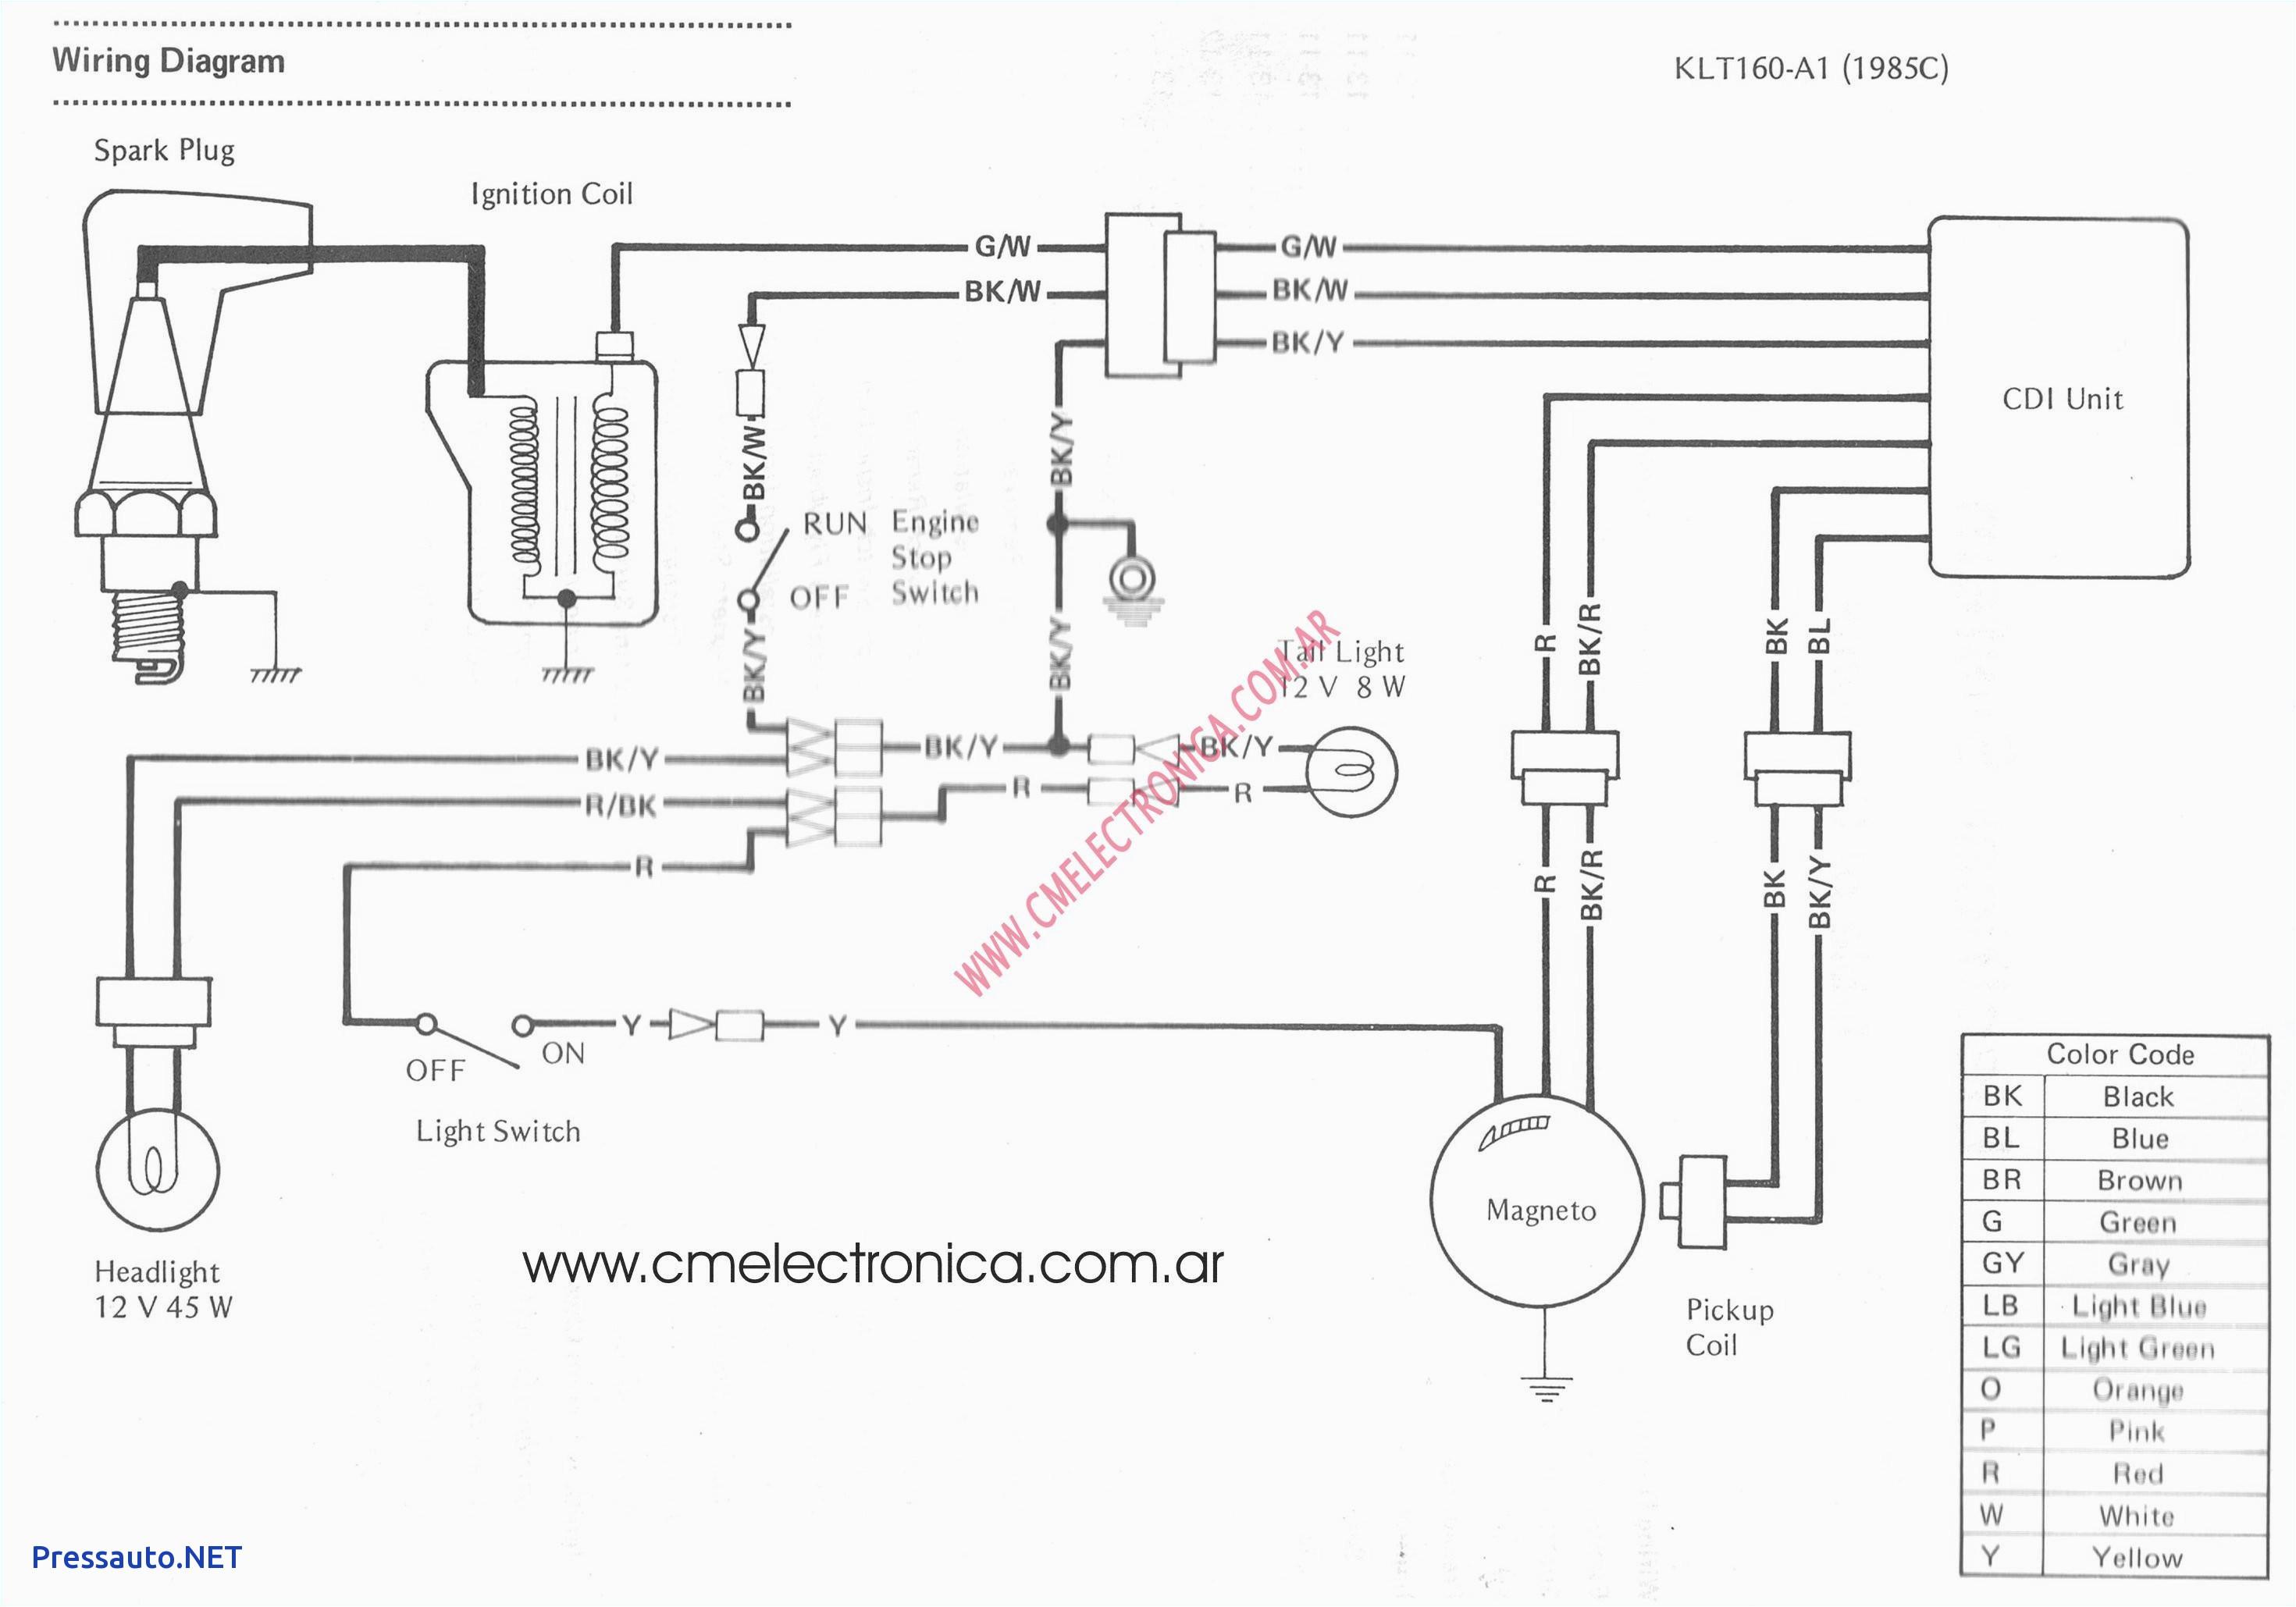 1845c wiring diagram back up alarm wiring diagram page 1845c wiring diagram back up alarm